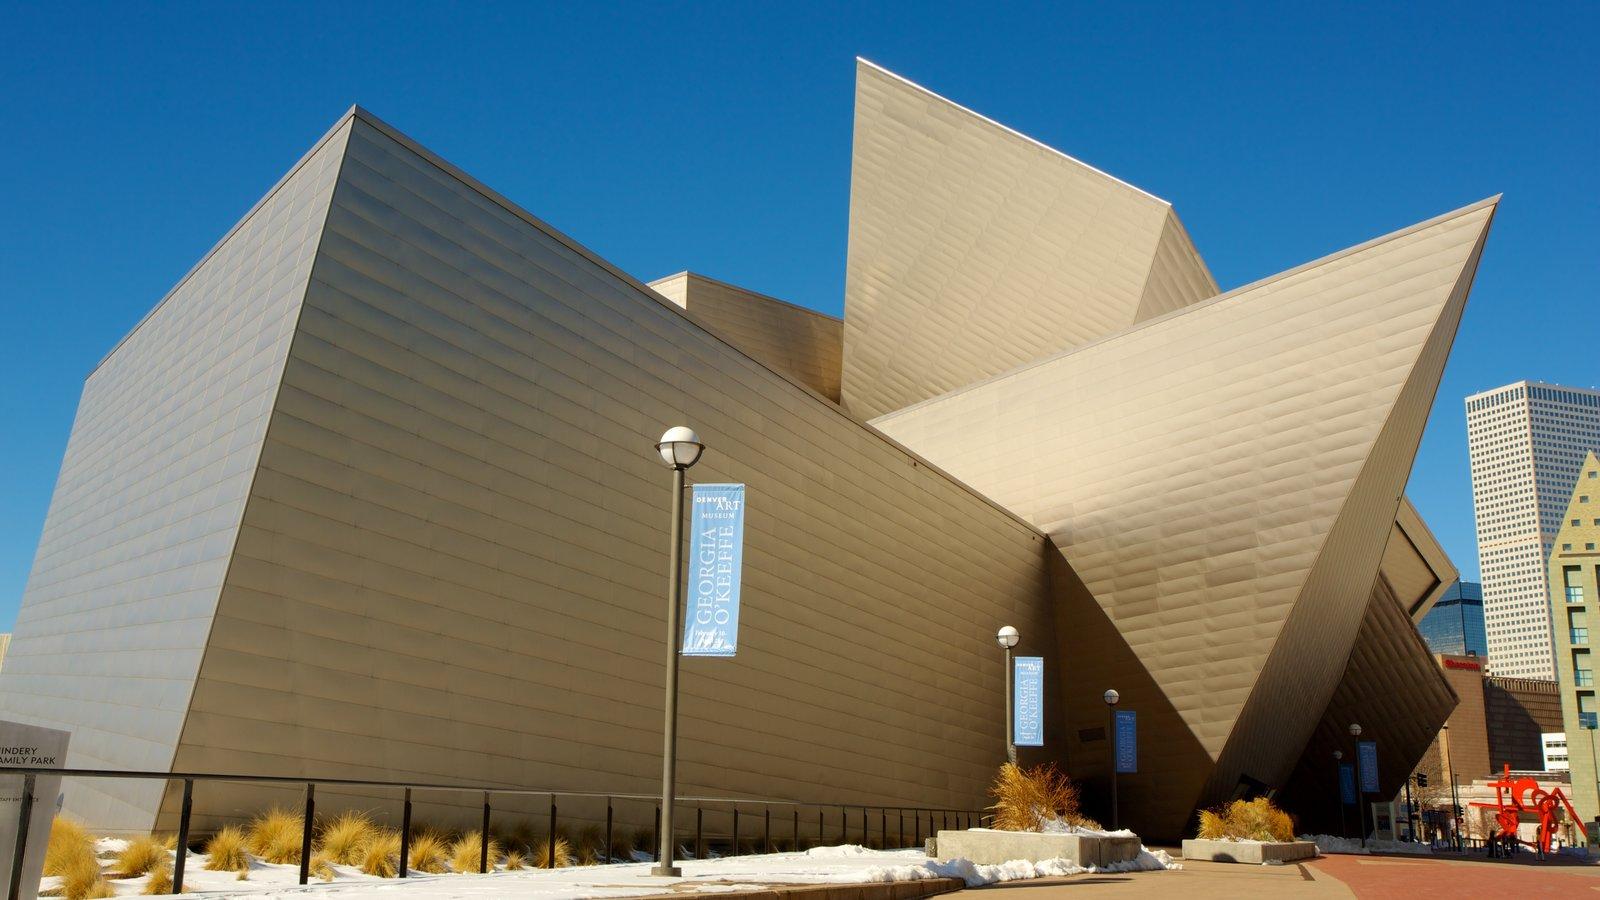 Denver Art Museum que inclui arte